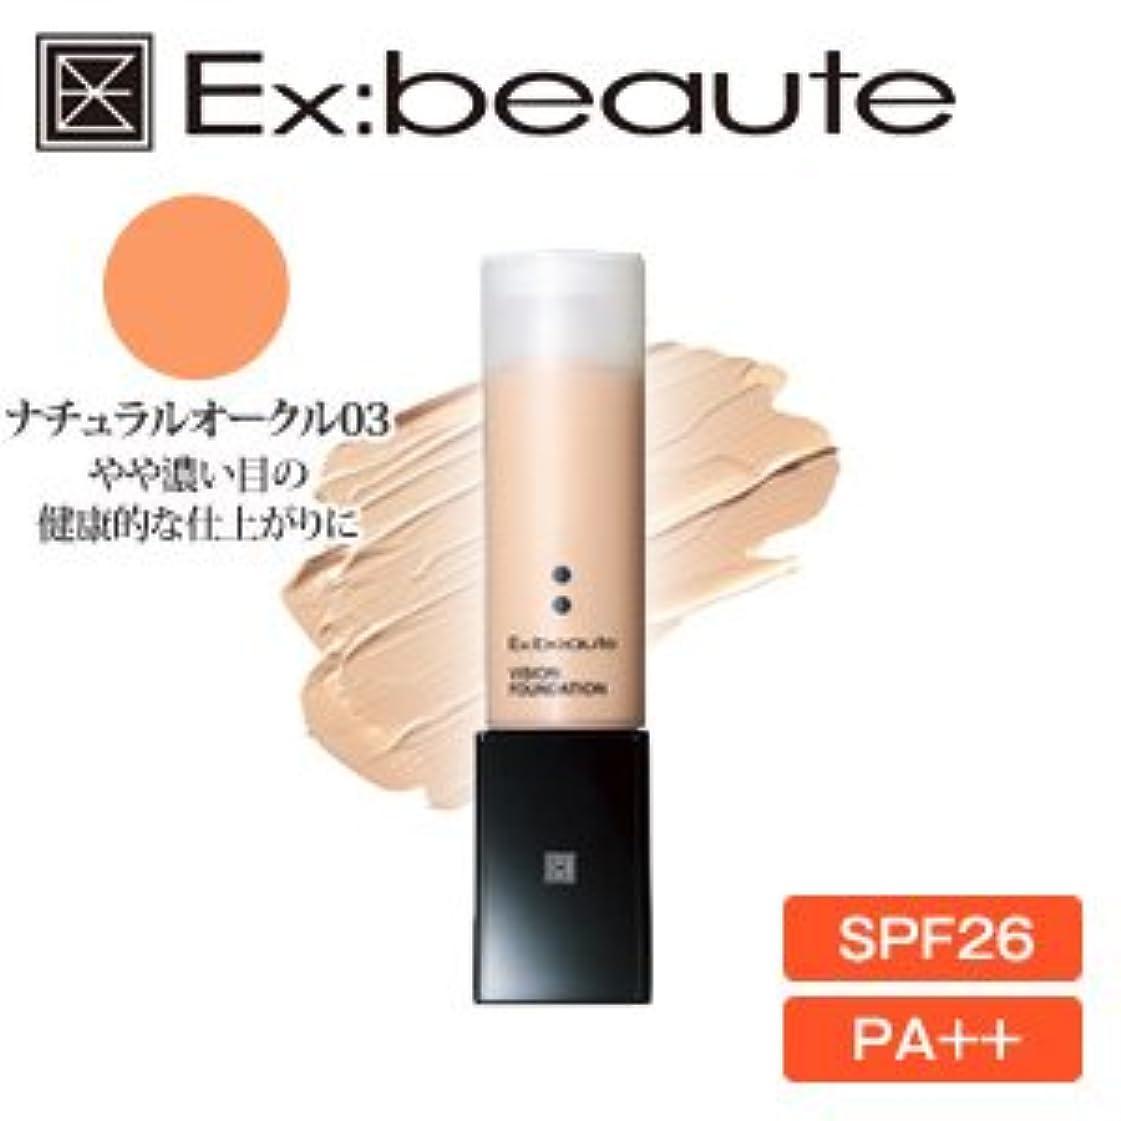 スケルトン健康案件Ex:beaute (エクスボーテ) ビジョンファンデーション リキッドマットタイプ ナチュラルオークル03